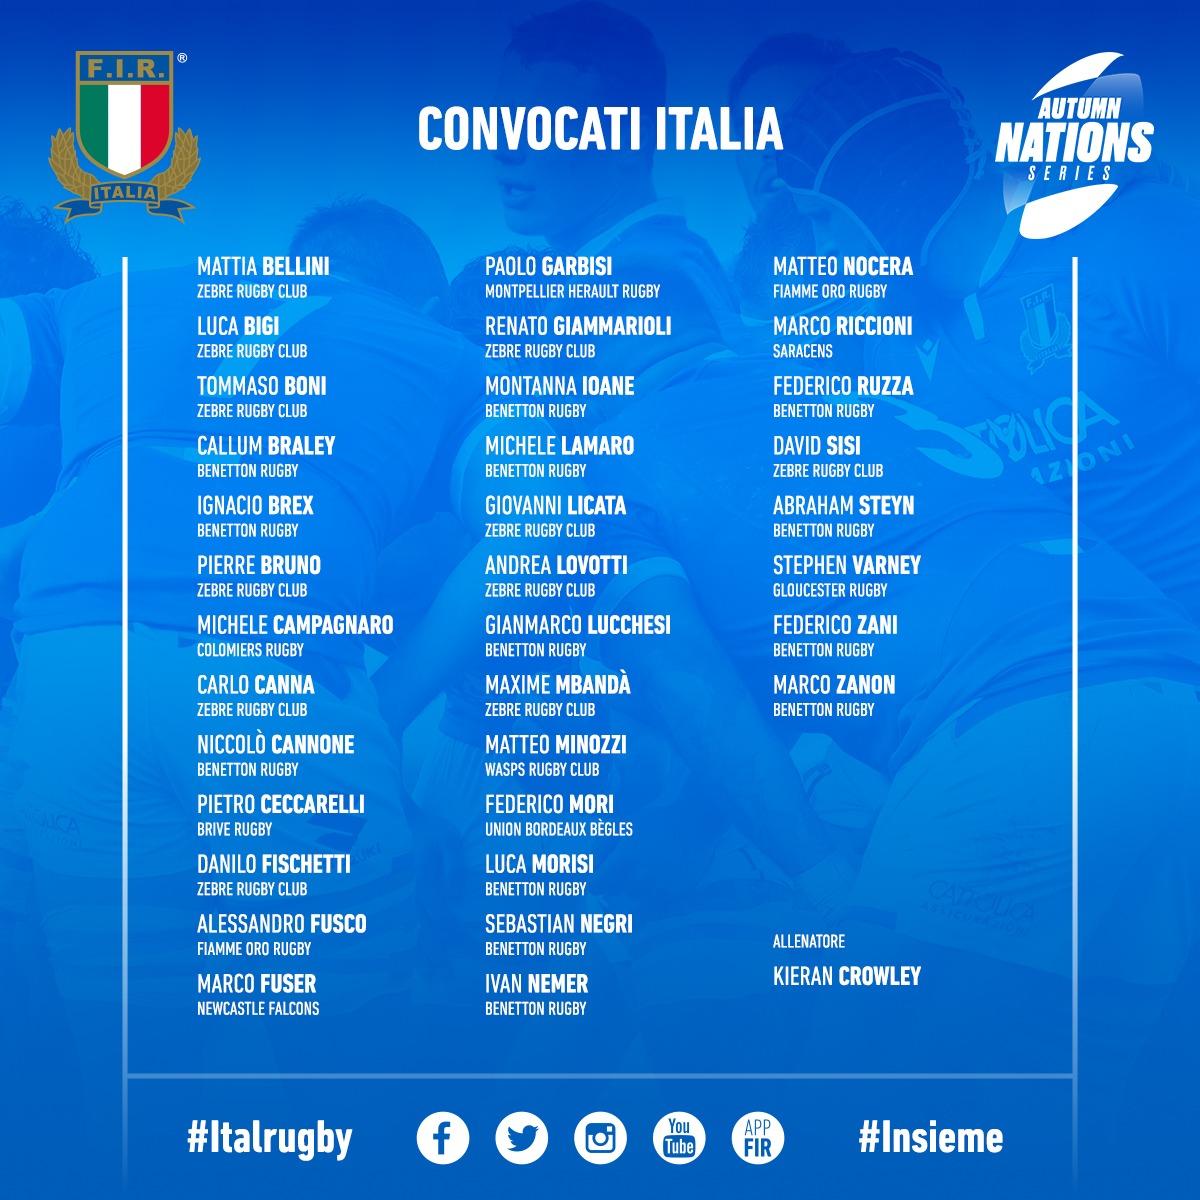 convocati italia raduno verona 2021